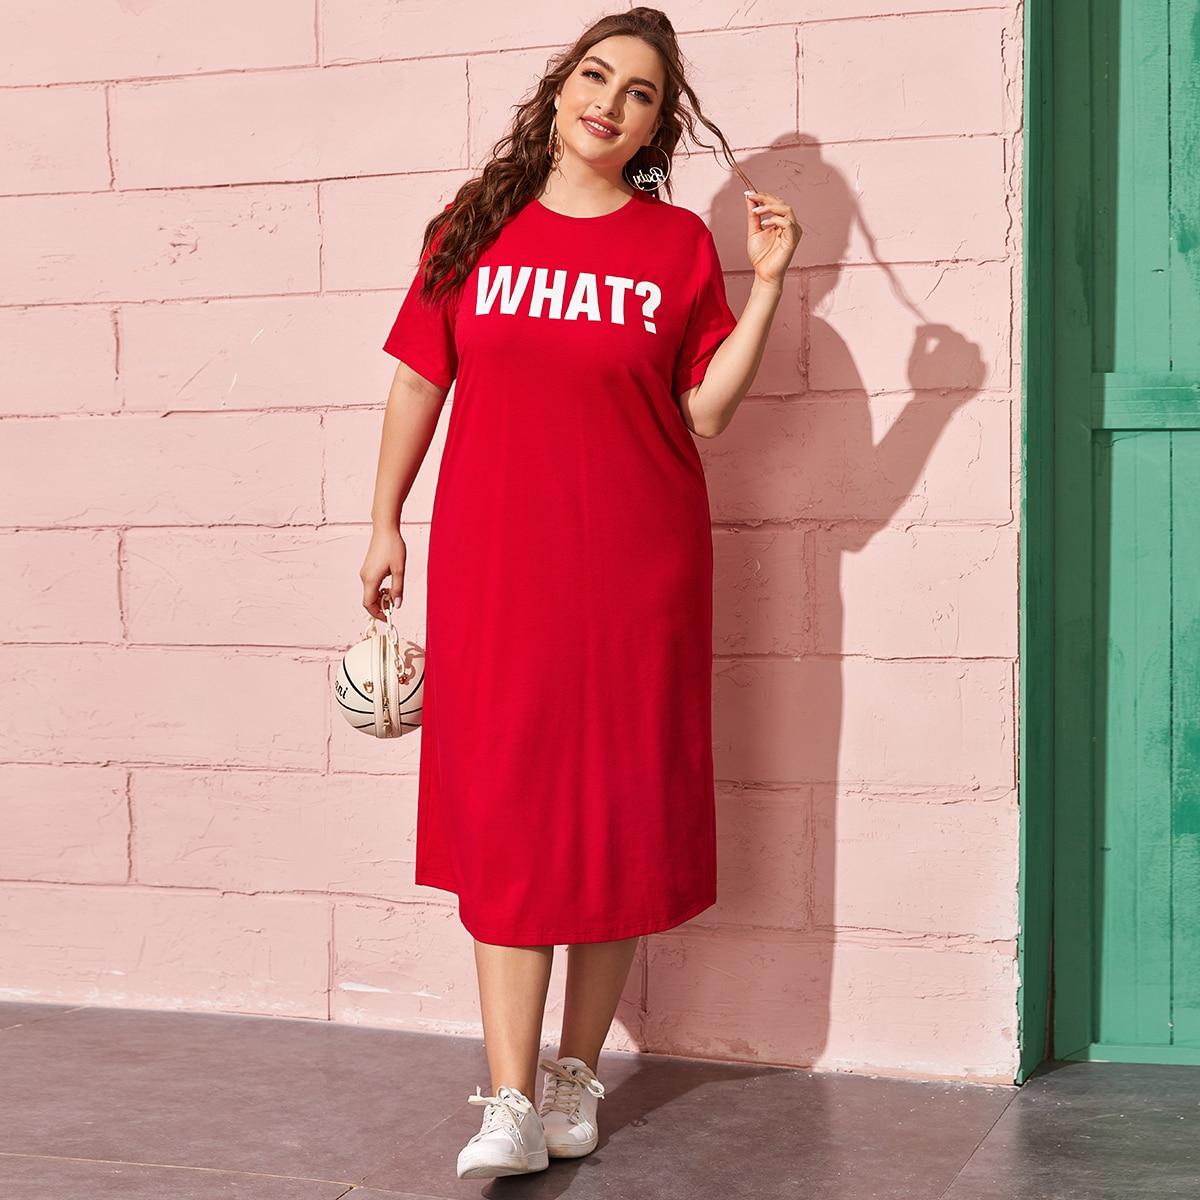 Платье-футболка размера плюс с текстовым принтом фото